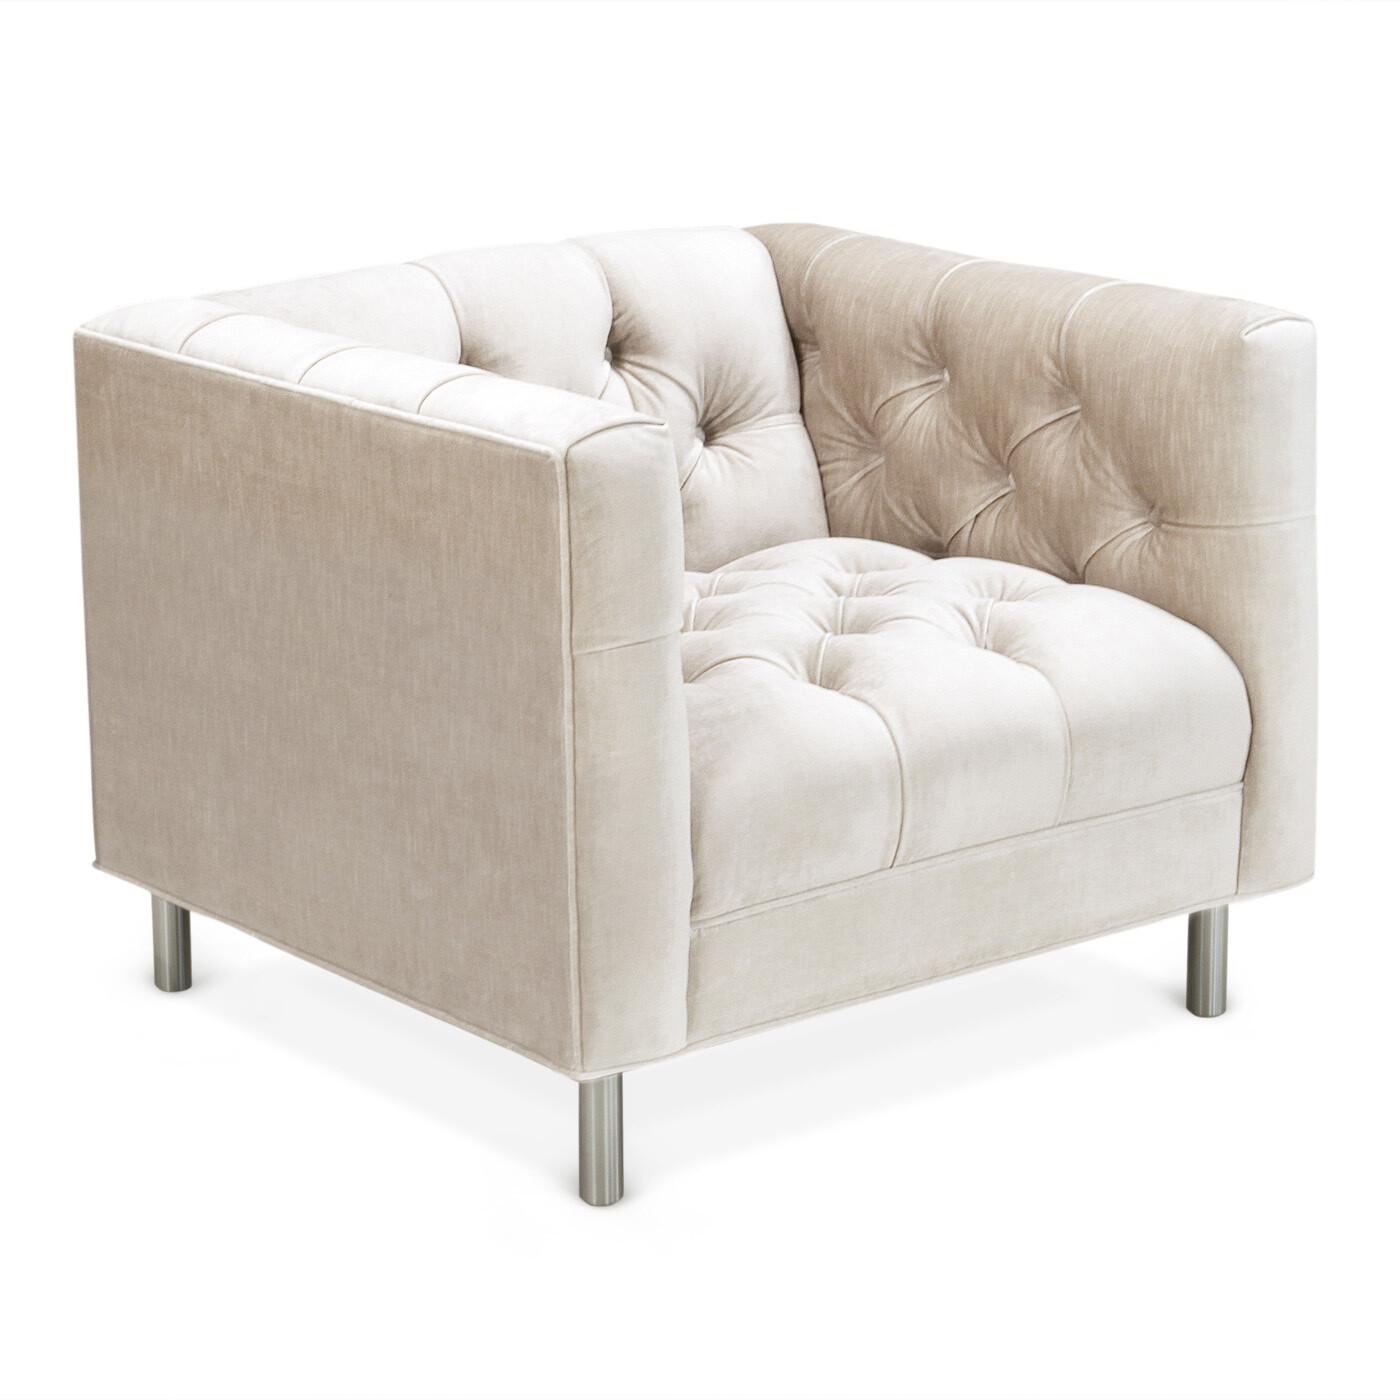 Baxter Chair Arm Chair